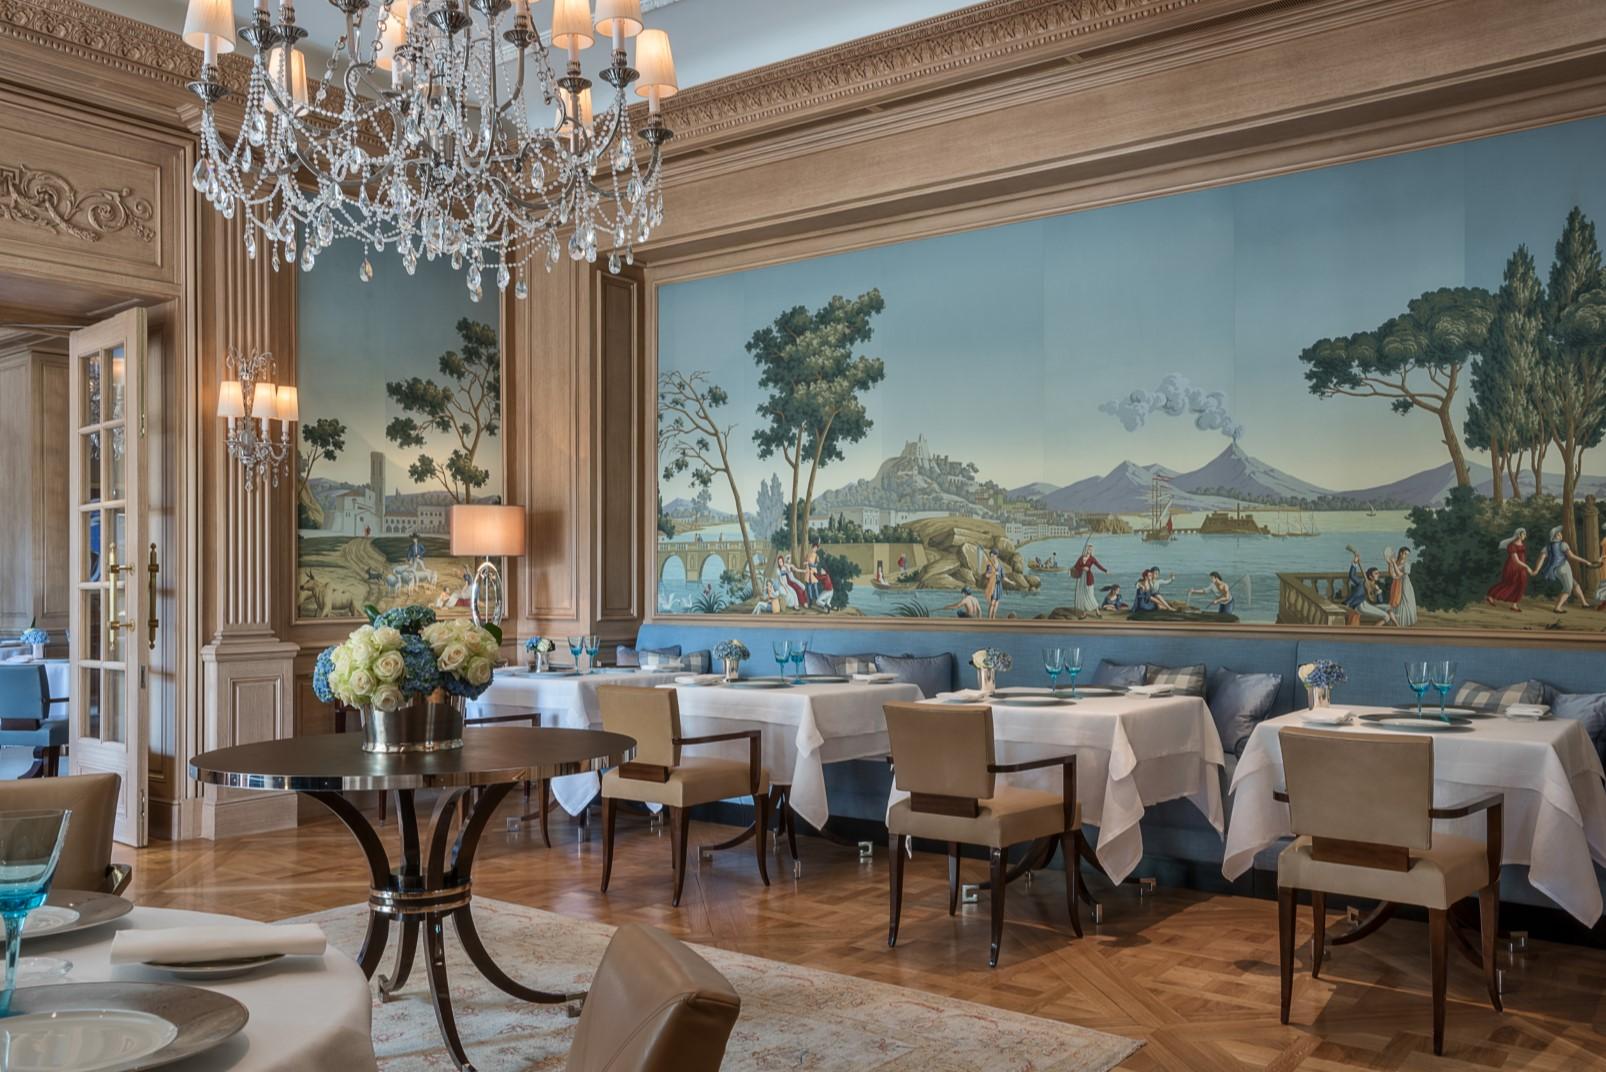 Il Lago restaurant